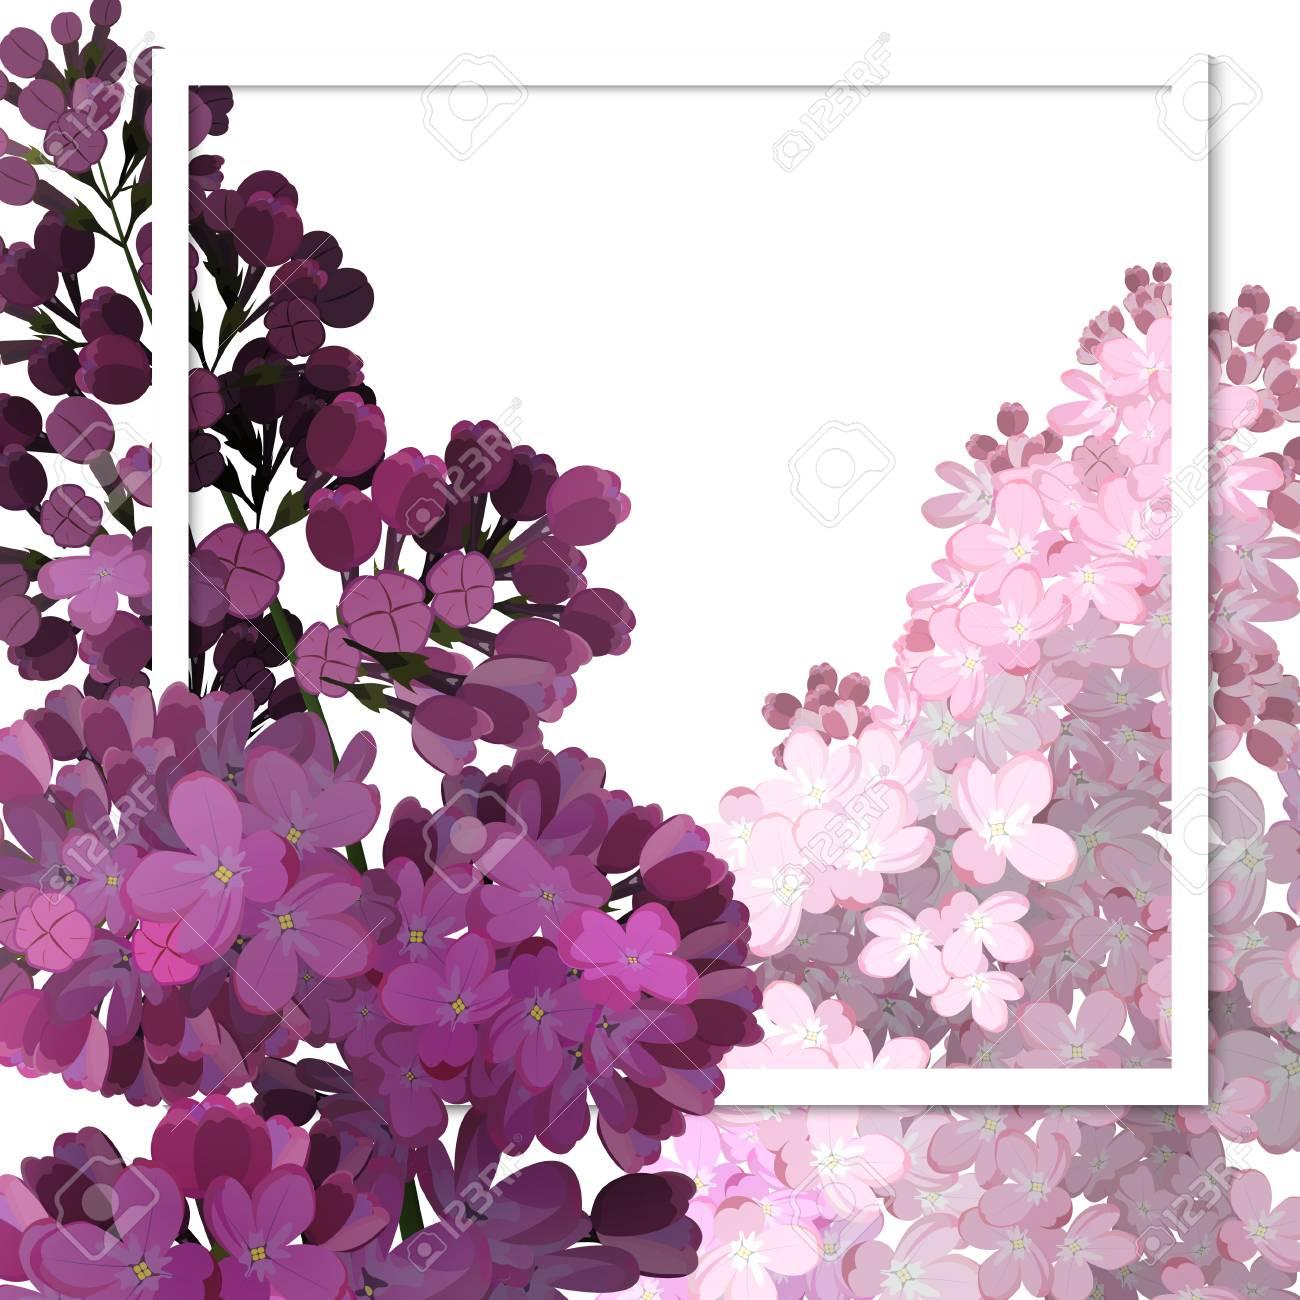 Un beau cadre passant à travers les fleurs de lilas. Illustration  vectorielle, fond blanc.